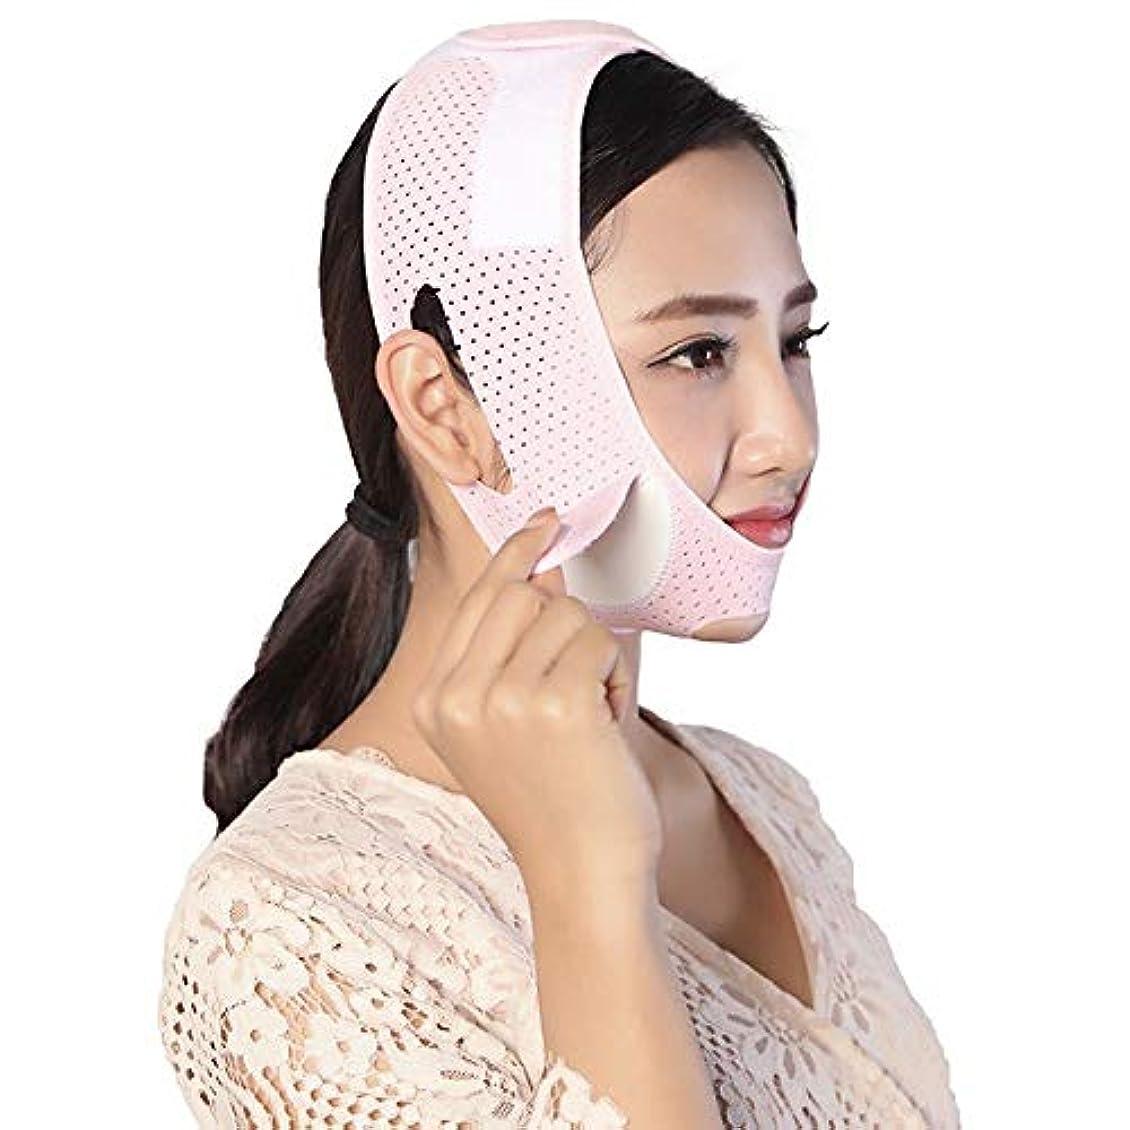 フェイシャルリフティング痩身ベルト - 圧縮二重あご減量ベルトスキンケア薄い顔包帯